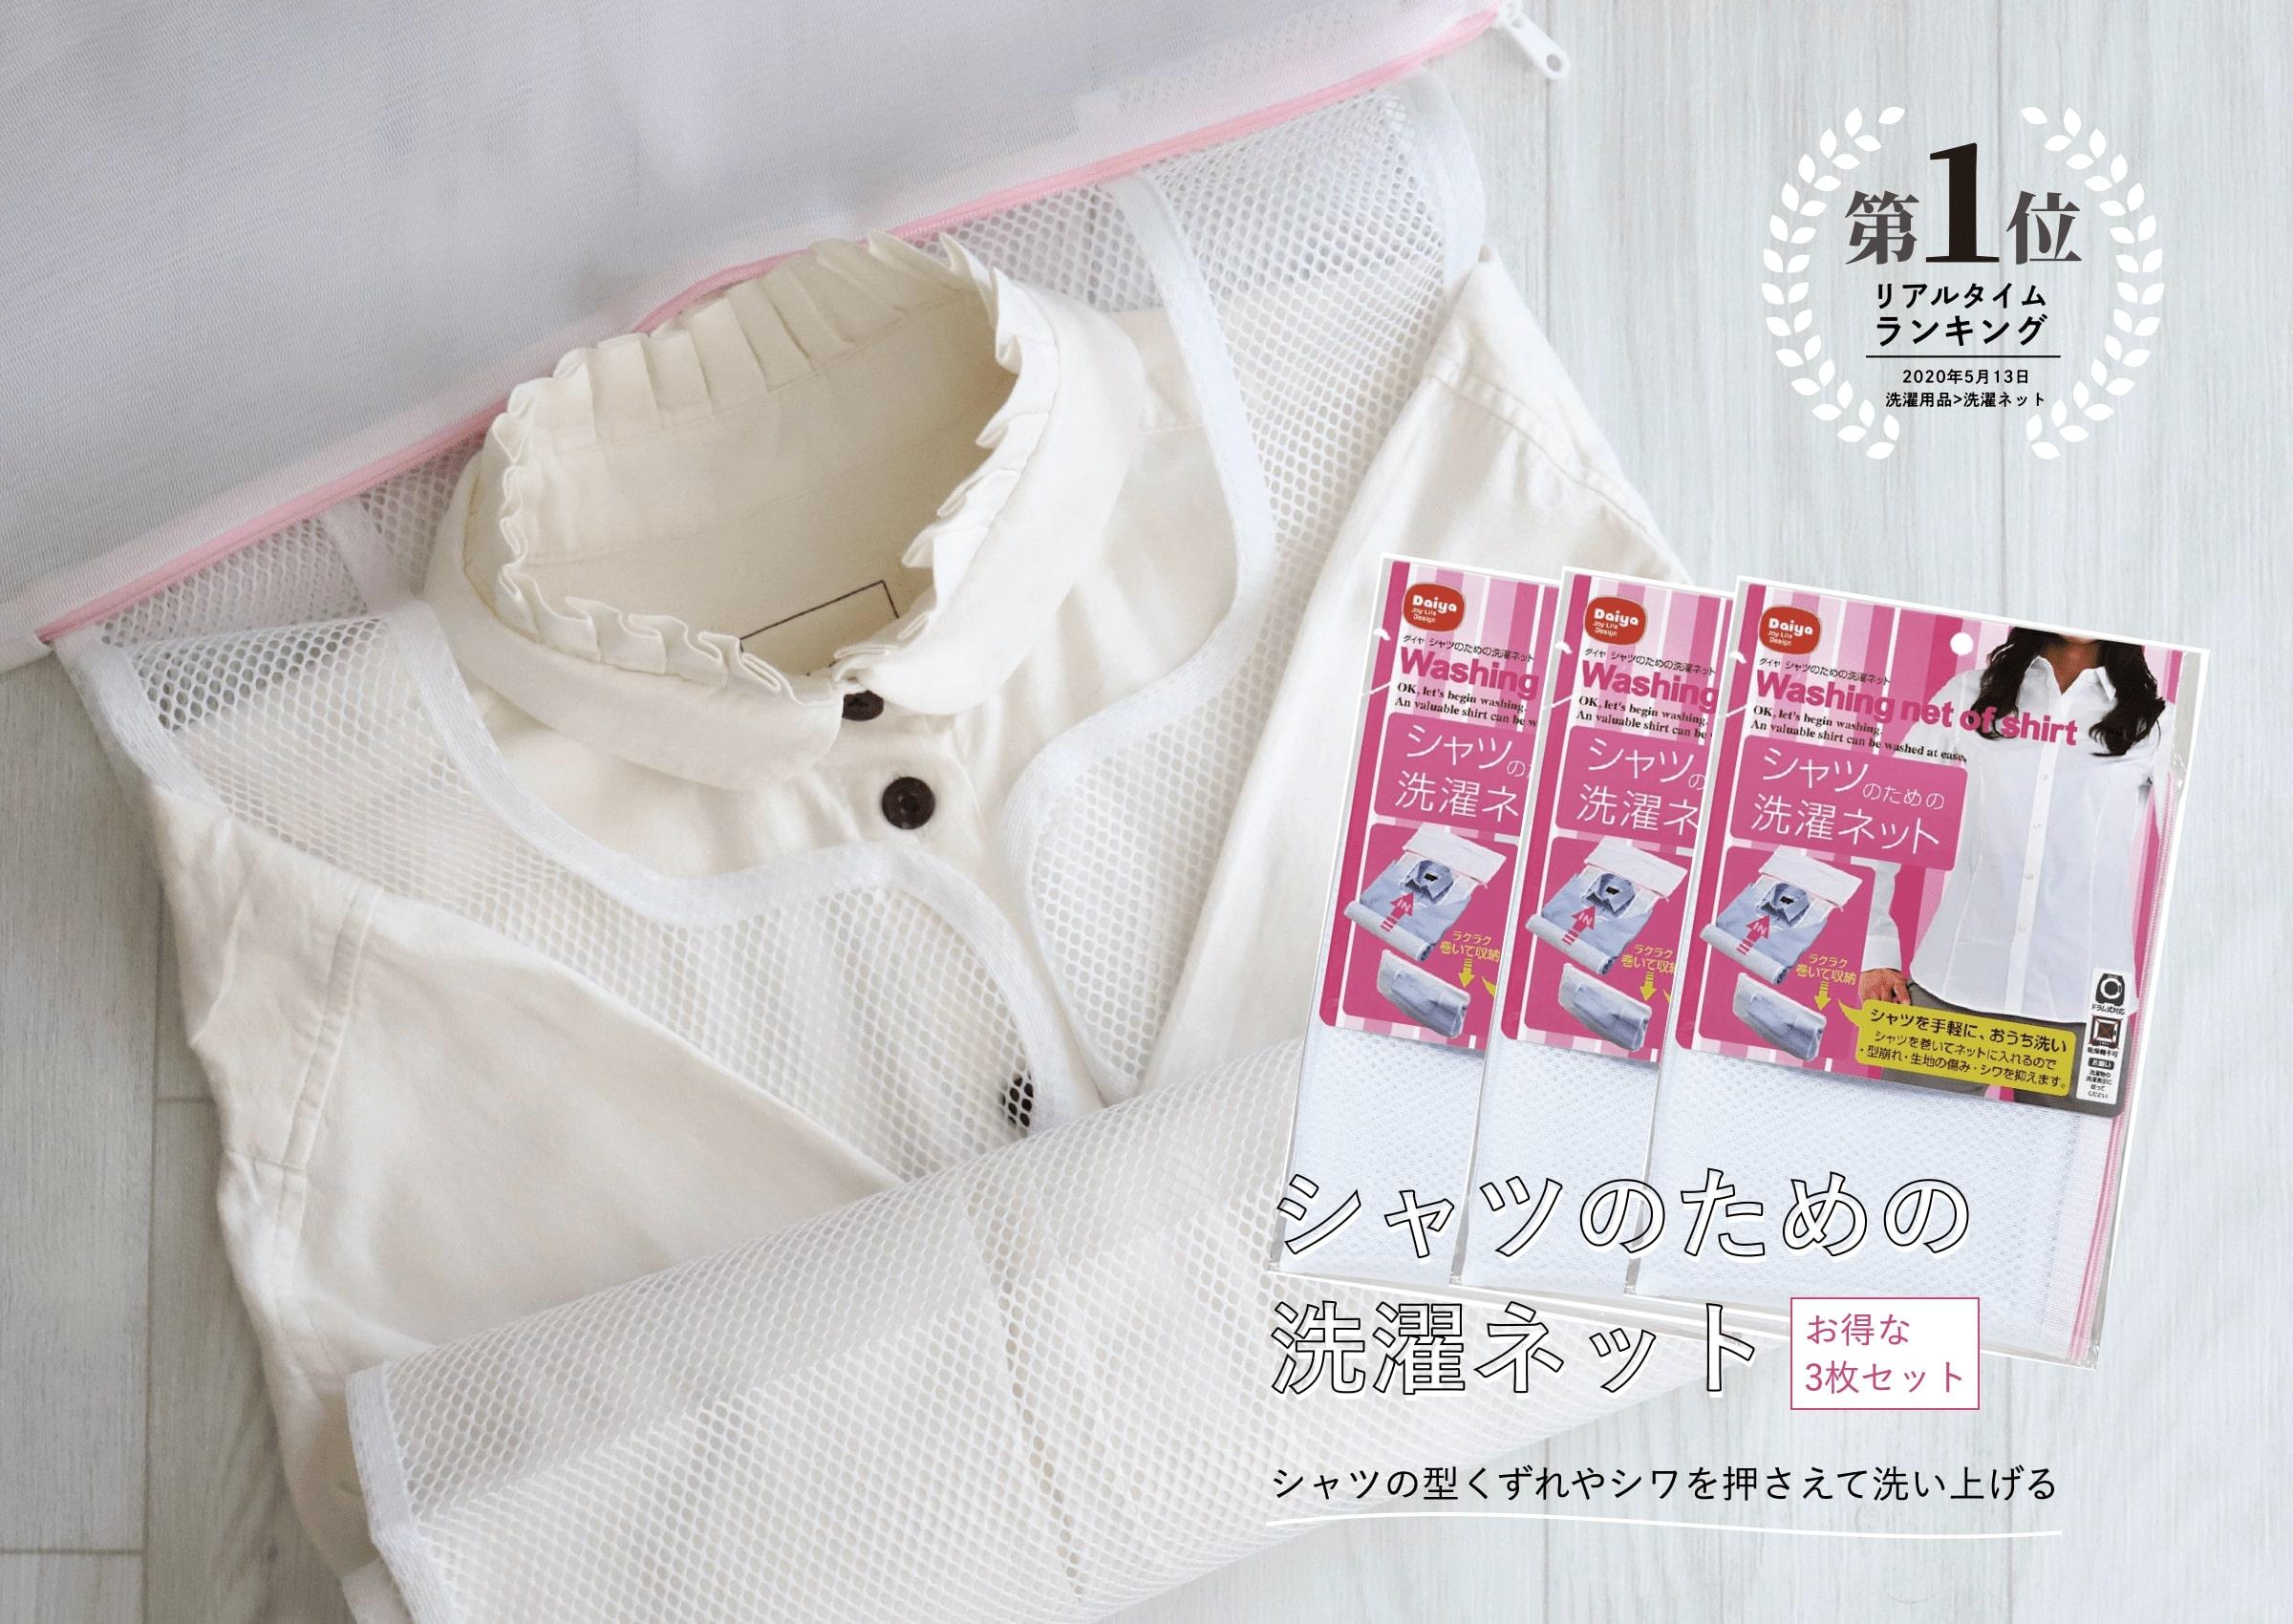 シャツのための洗濯ネット3枚組イメージ